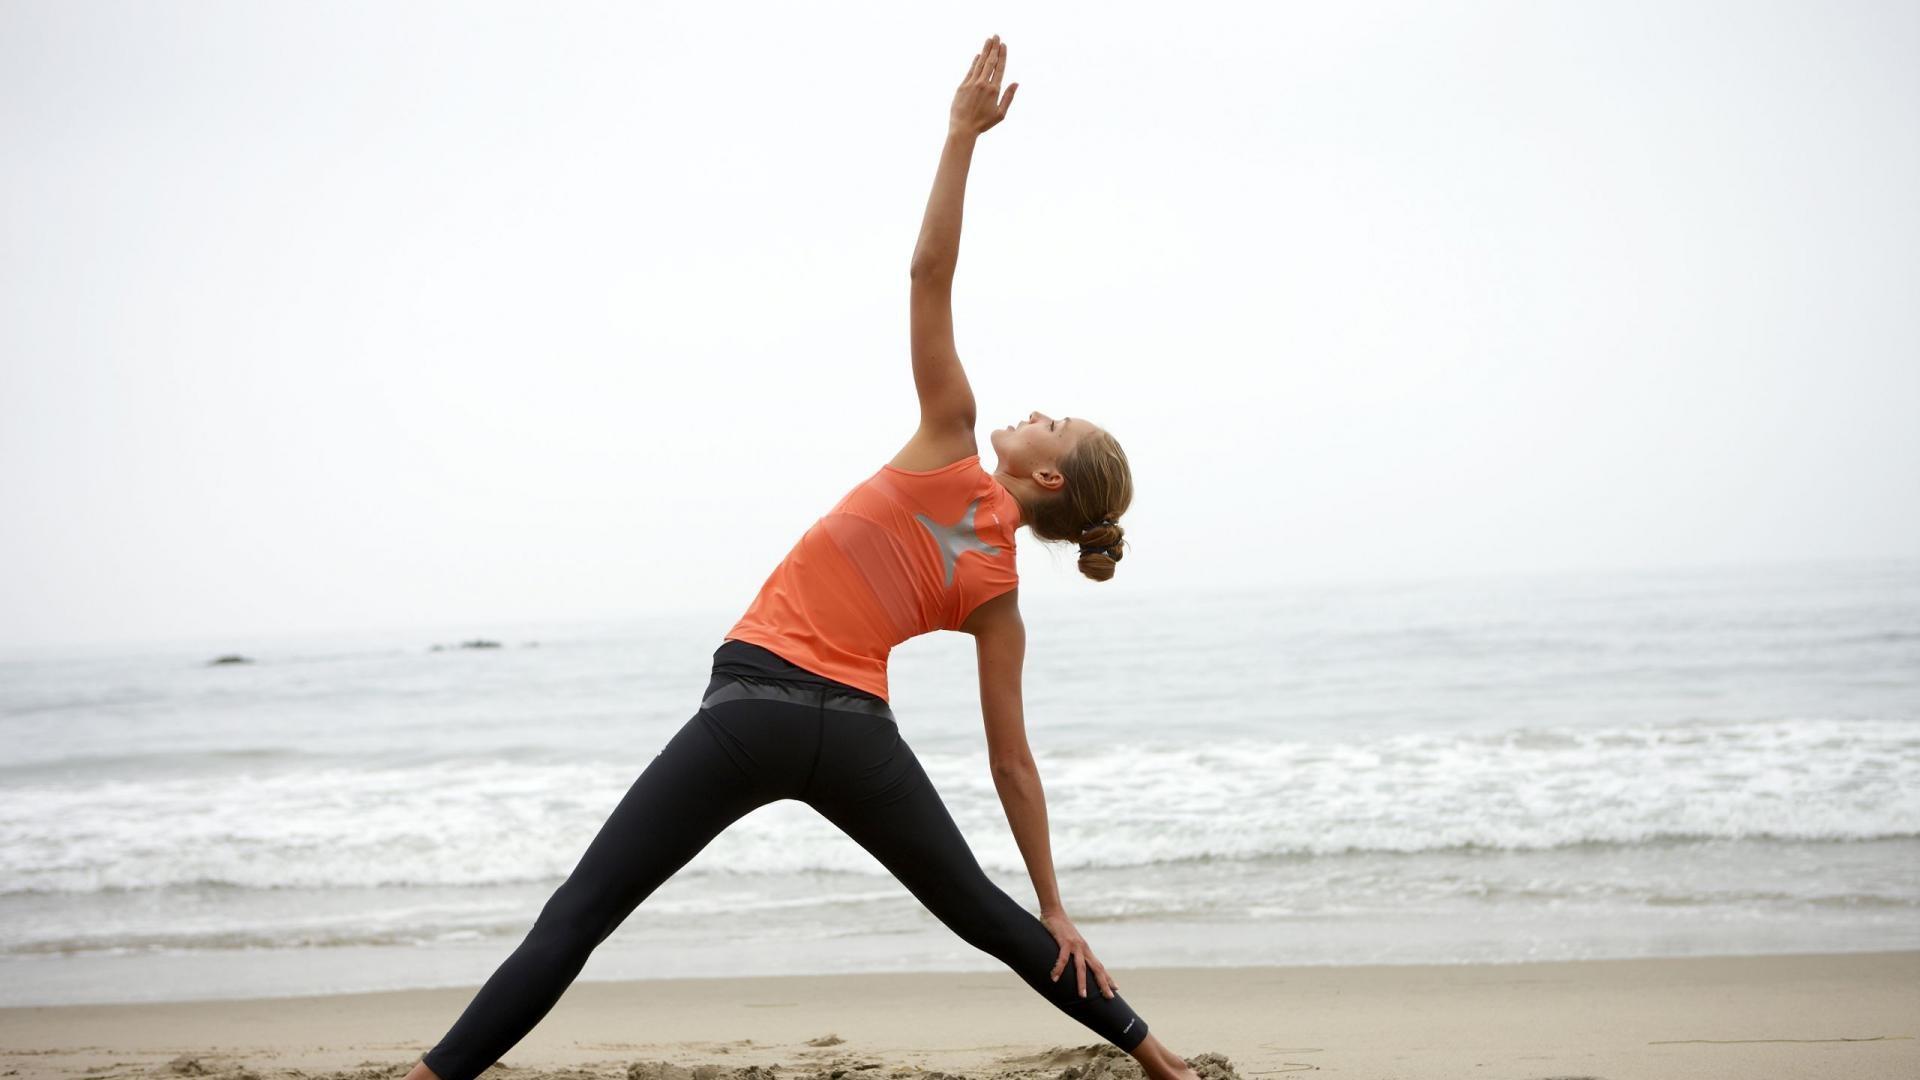 Yoga Desktop Wallpaper (67+ images)  Yoga Desktop Wa...